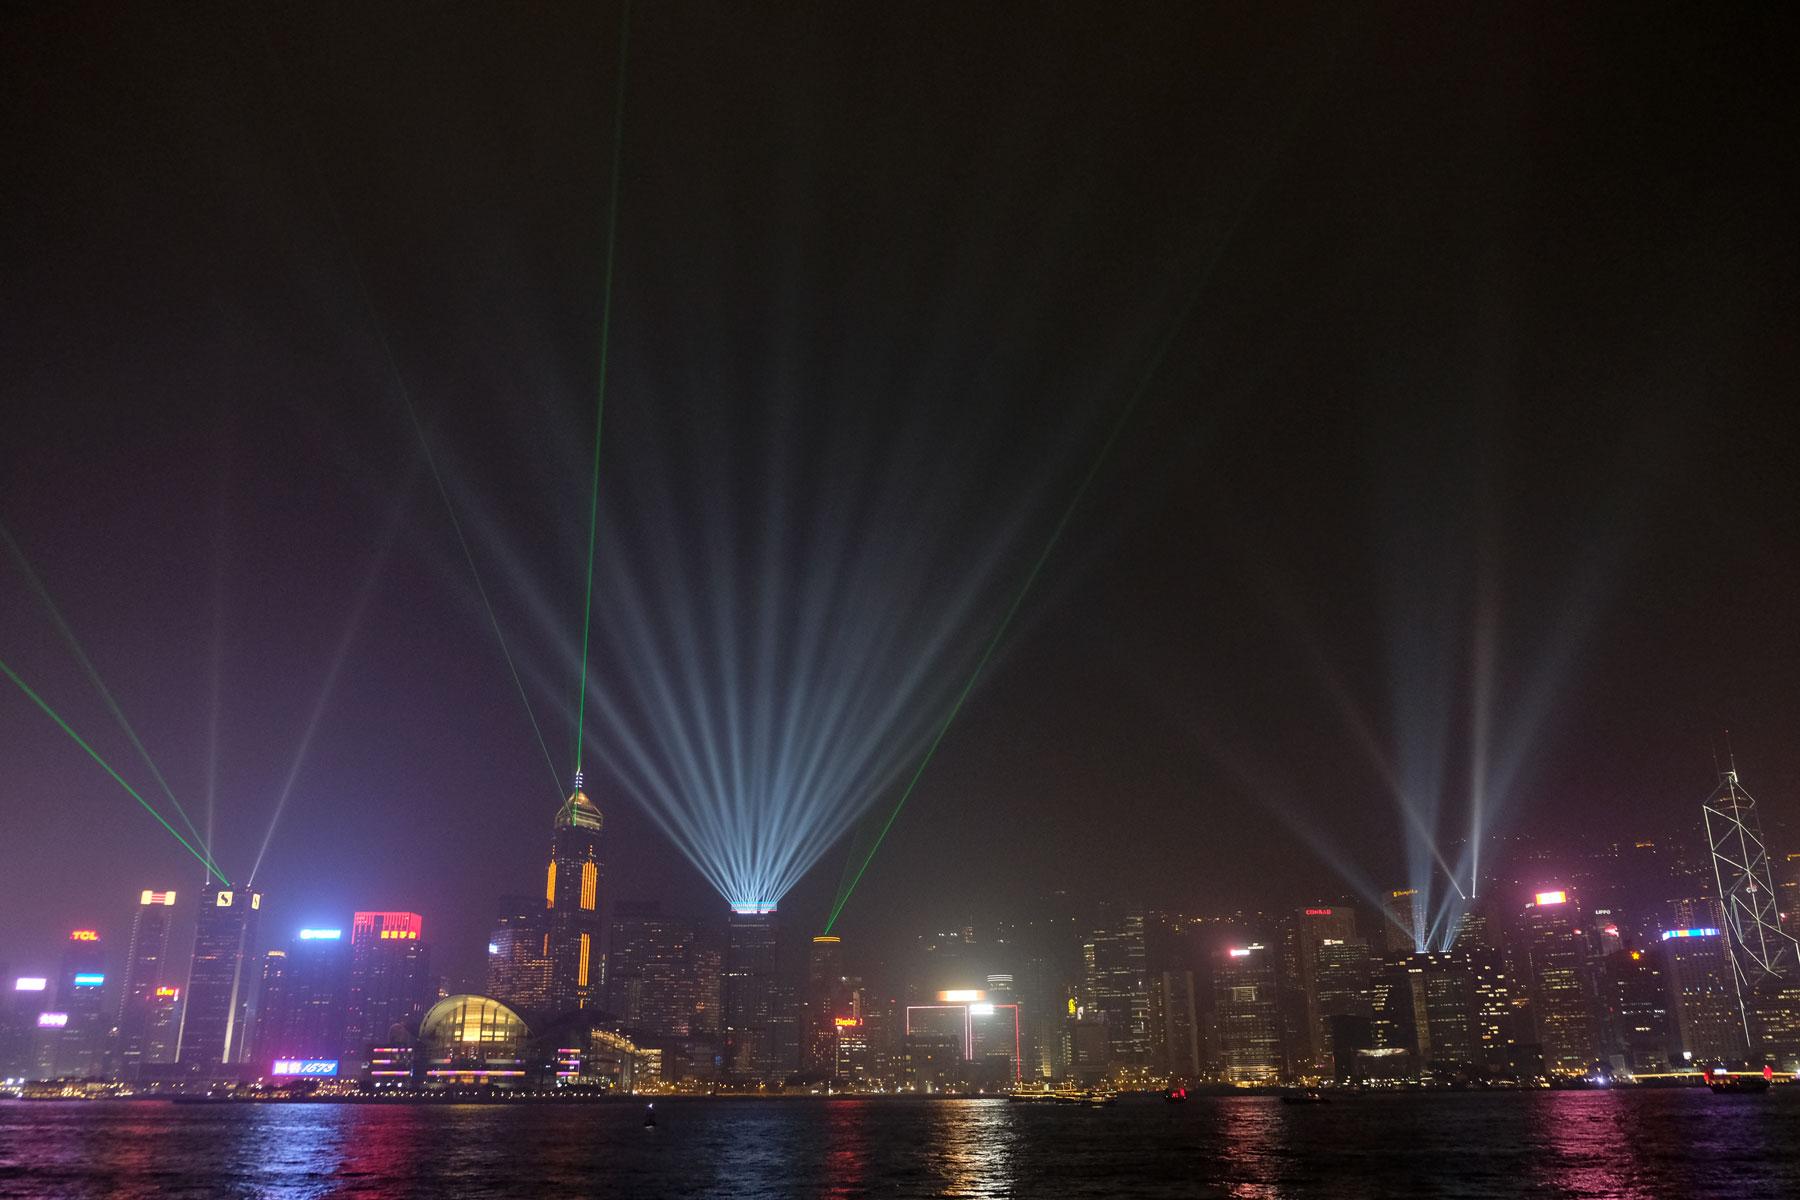 Für die Lightshow in Hongkong leuchten riesige Scheinwerfer von den Hochhäusern.